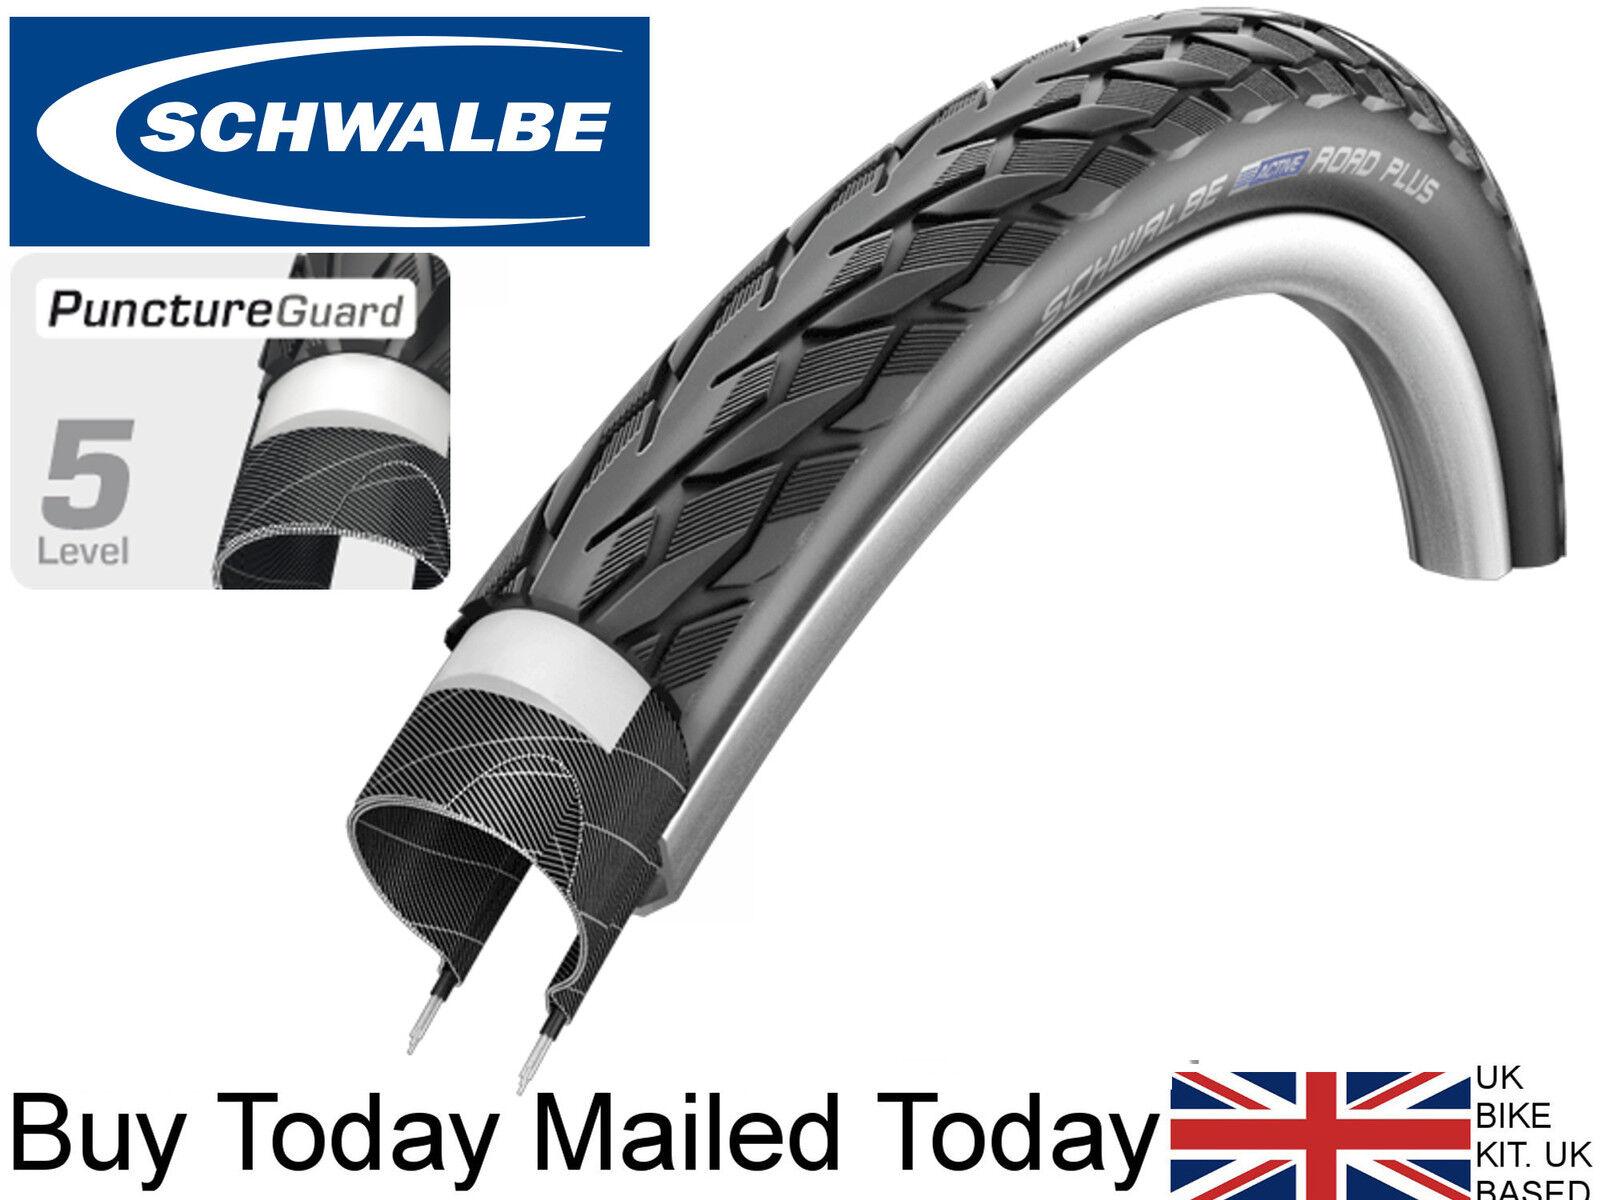 Schwalbe Delta Cruiser Plus PunctureGuard 700 x 38c Reflex Bike Tyre Tour Hybrid